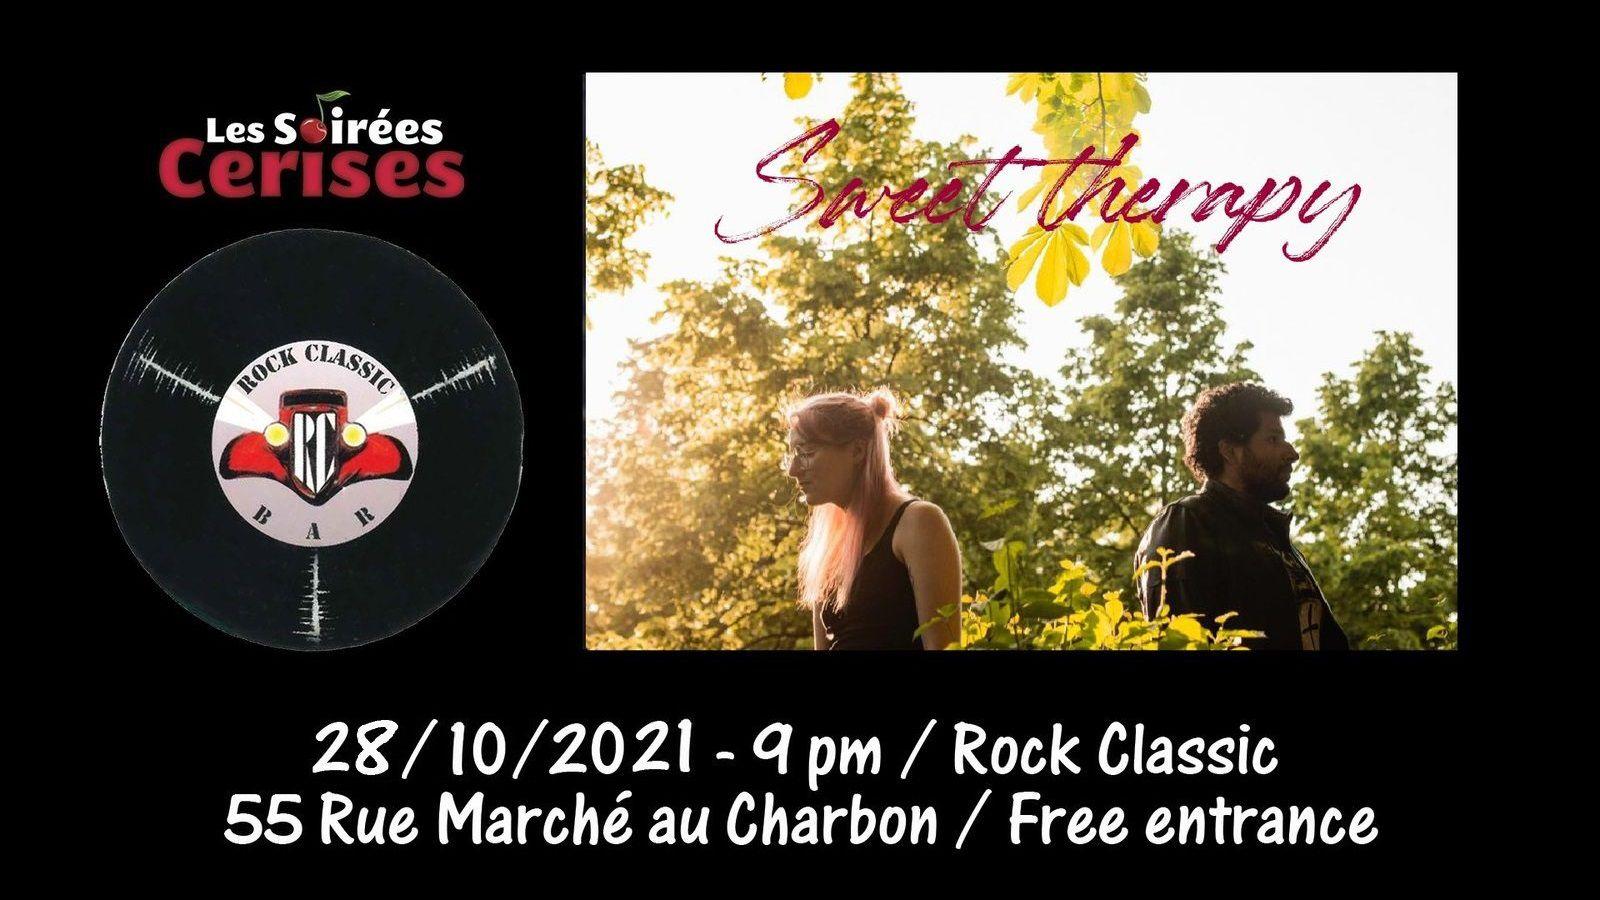 🎵 28/10/2021 : Sweet Therapy @ Rock Classic - 55, rue Maché au Charbon à 1000 Bruxelles - 21h00 - Entrée gratuite / Free entrance